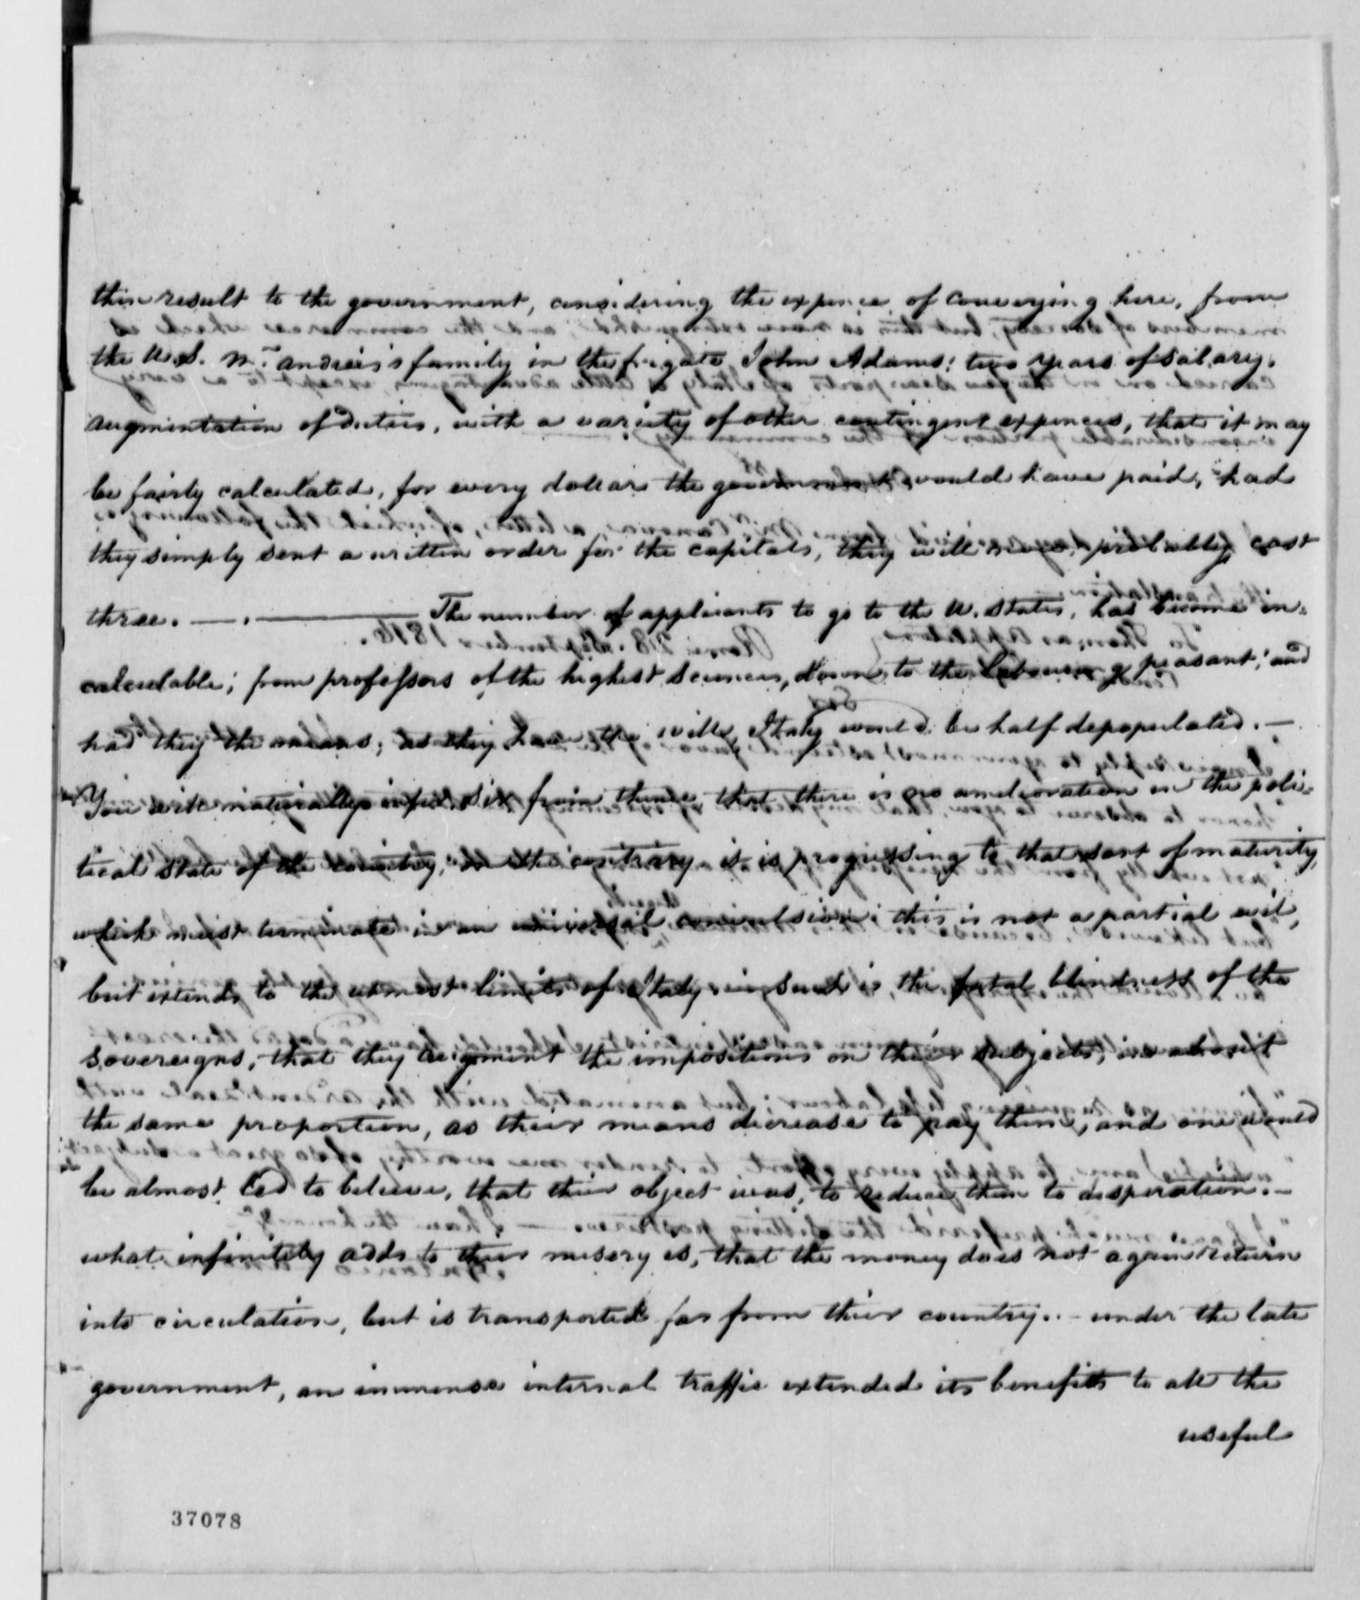 Thomas Appleton to Thomas Jefferson, September 27, 1816